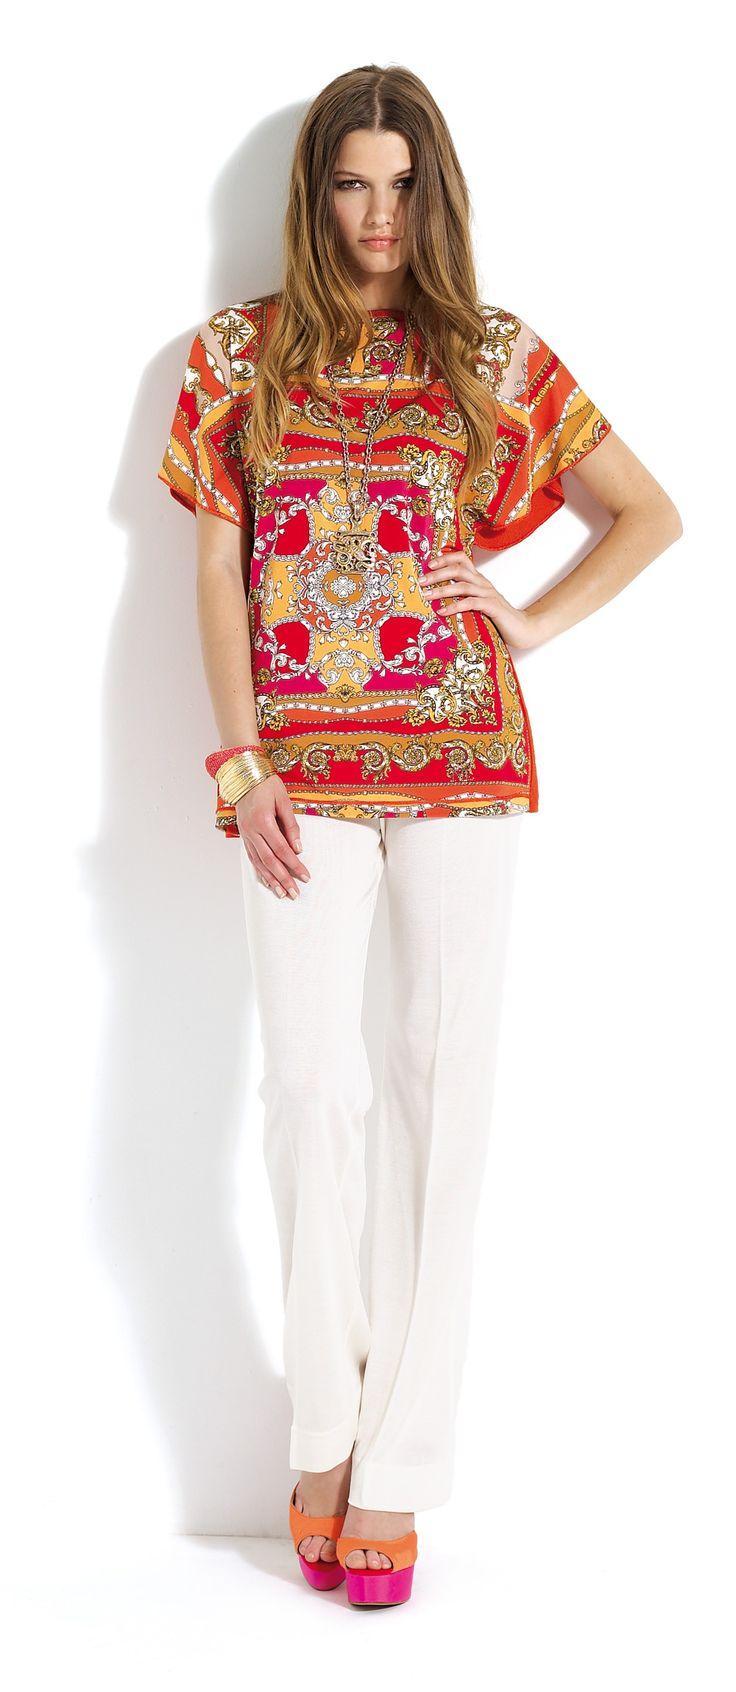 Pantalón blanco con blusa de estampado étnico en tonos rojos y naranjas.  #trousers #white #red #orange #etnic